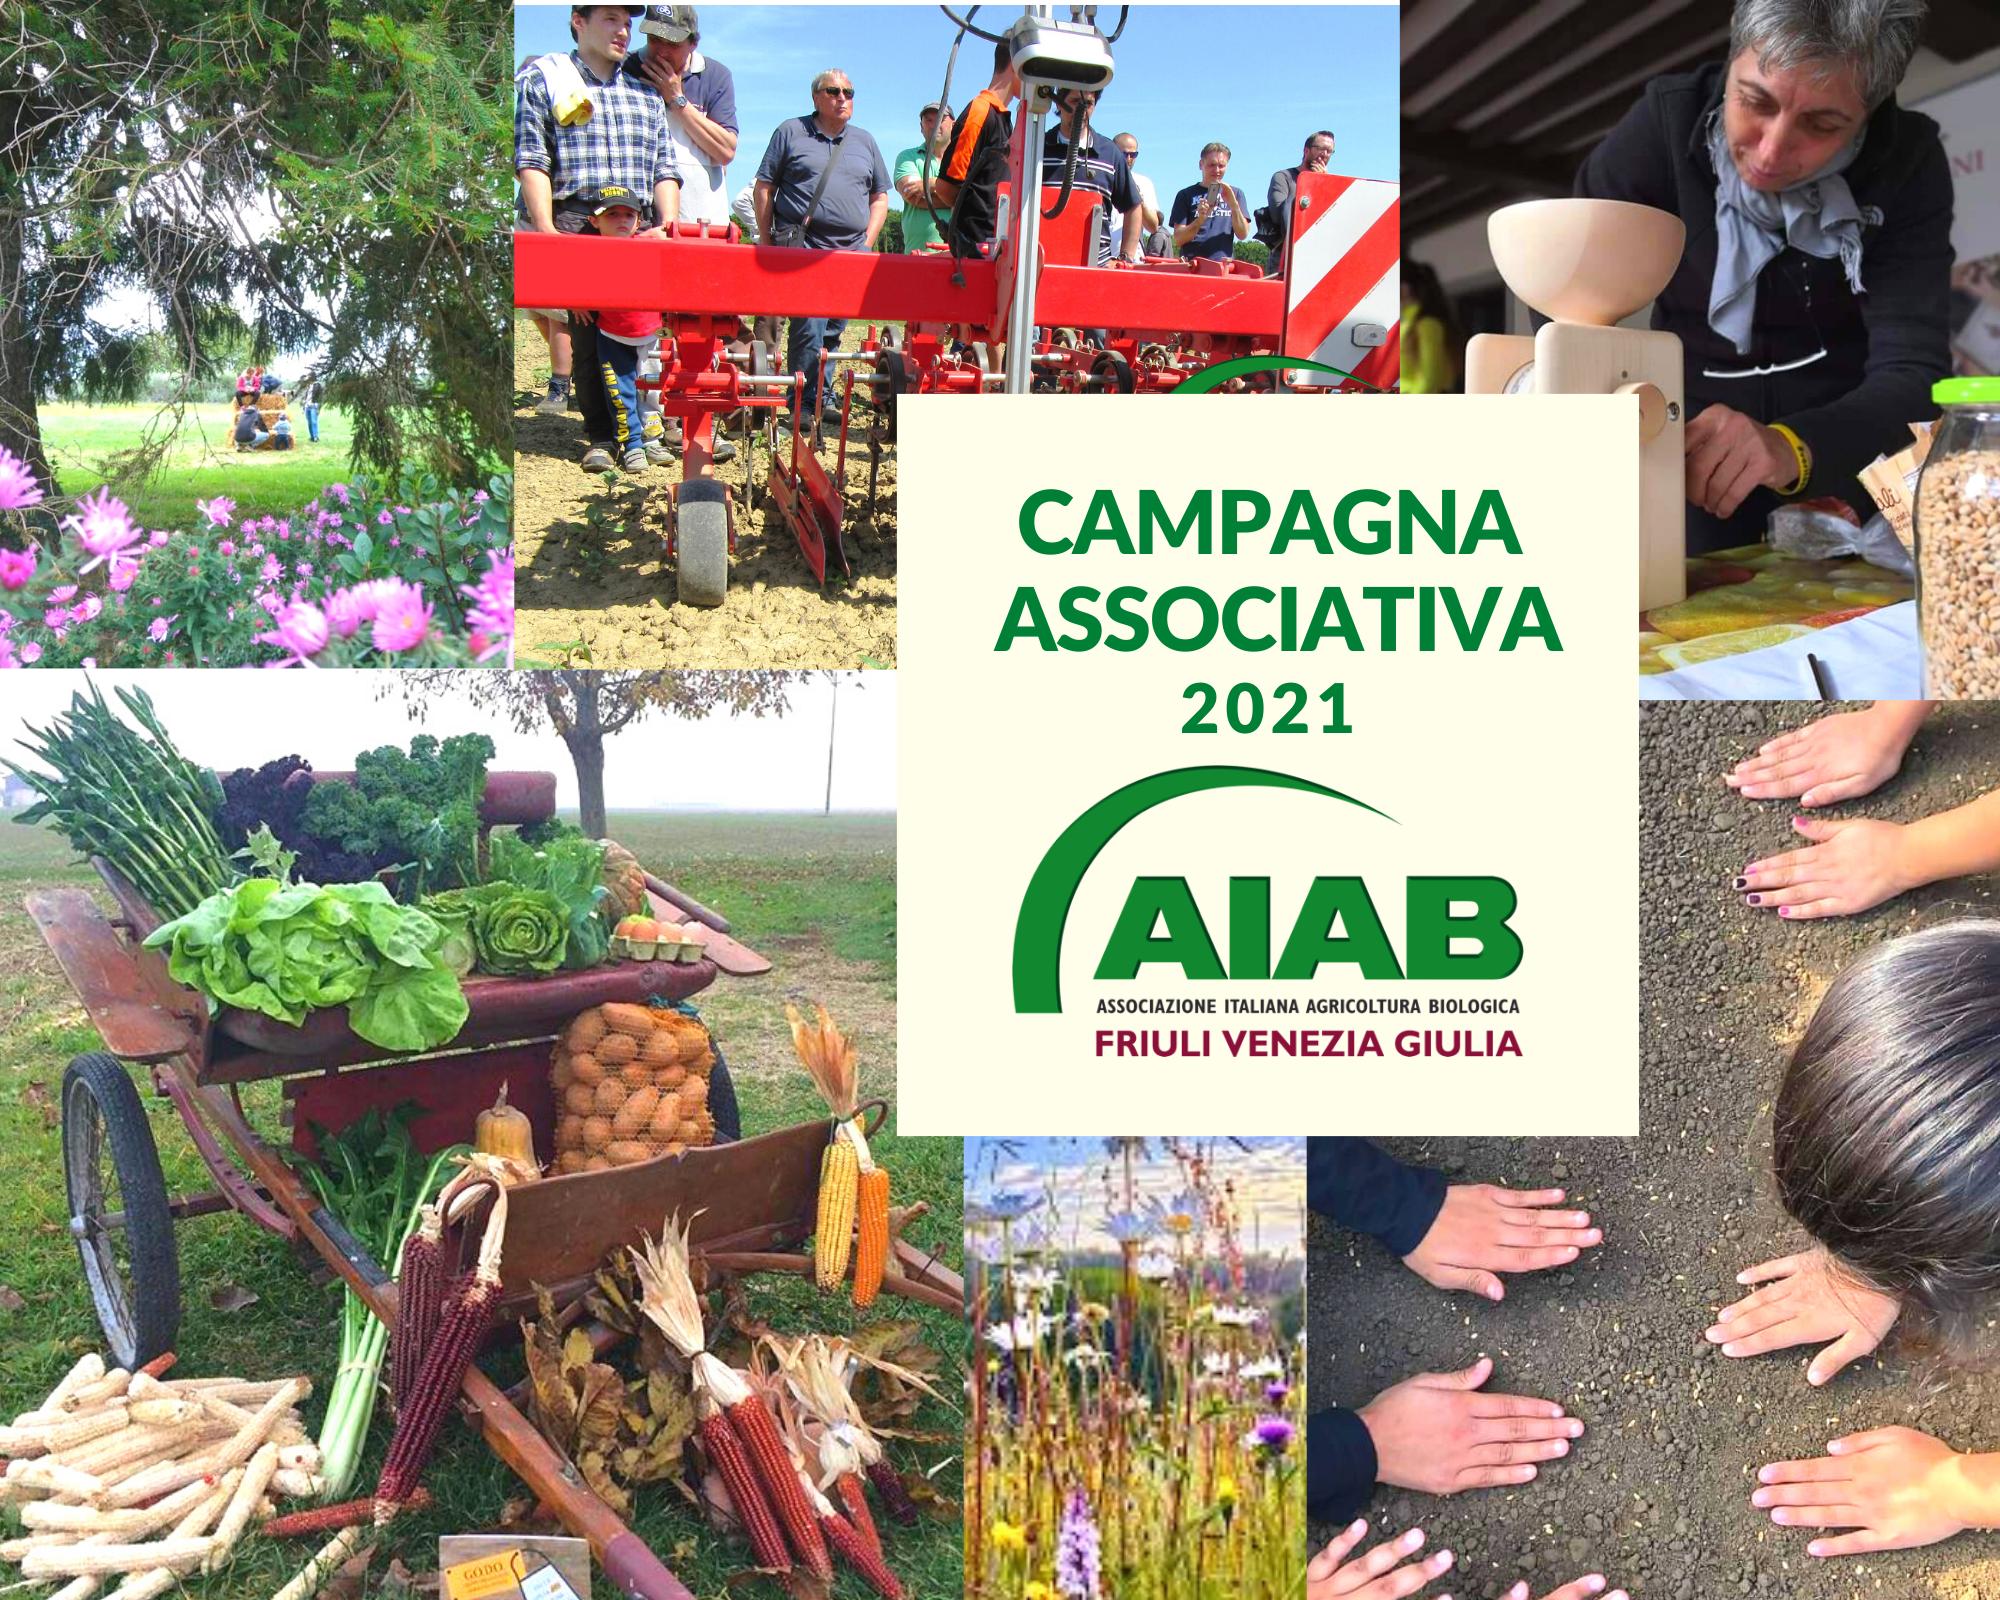 Campagna Associativa AIAB FVG – anche nel 2021 non puoi fare scelta migliore! 🌱